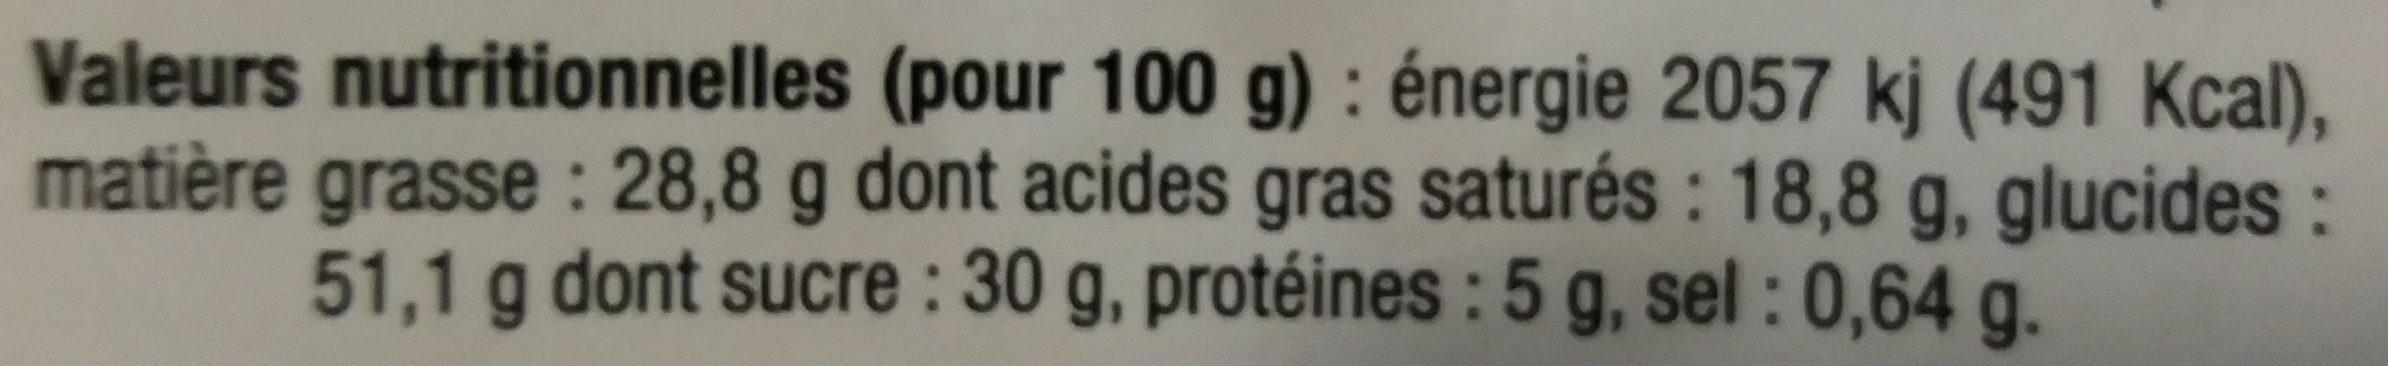 12 Mini Gâteaux Bretons aux Pépites de Chocolat - Informations nutritionnelles